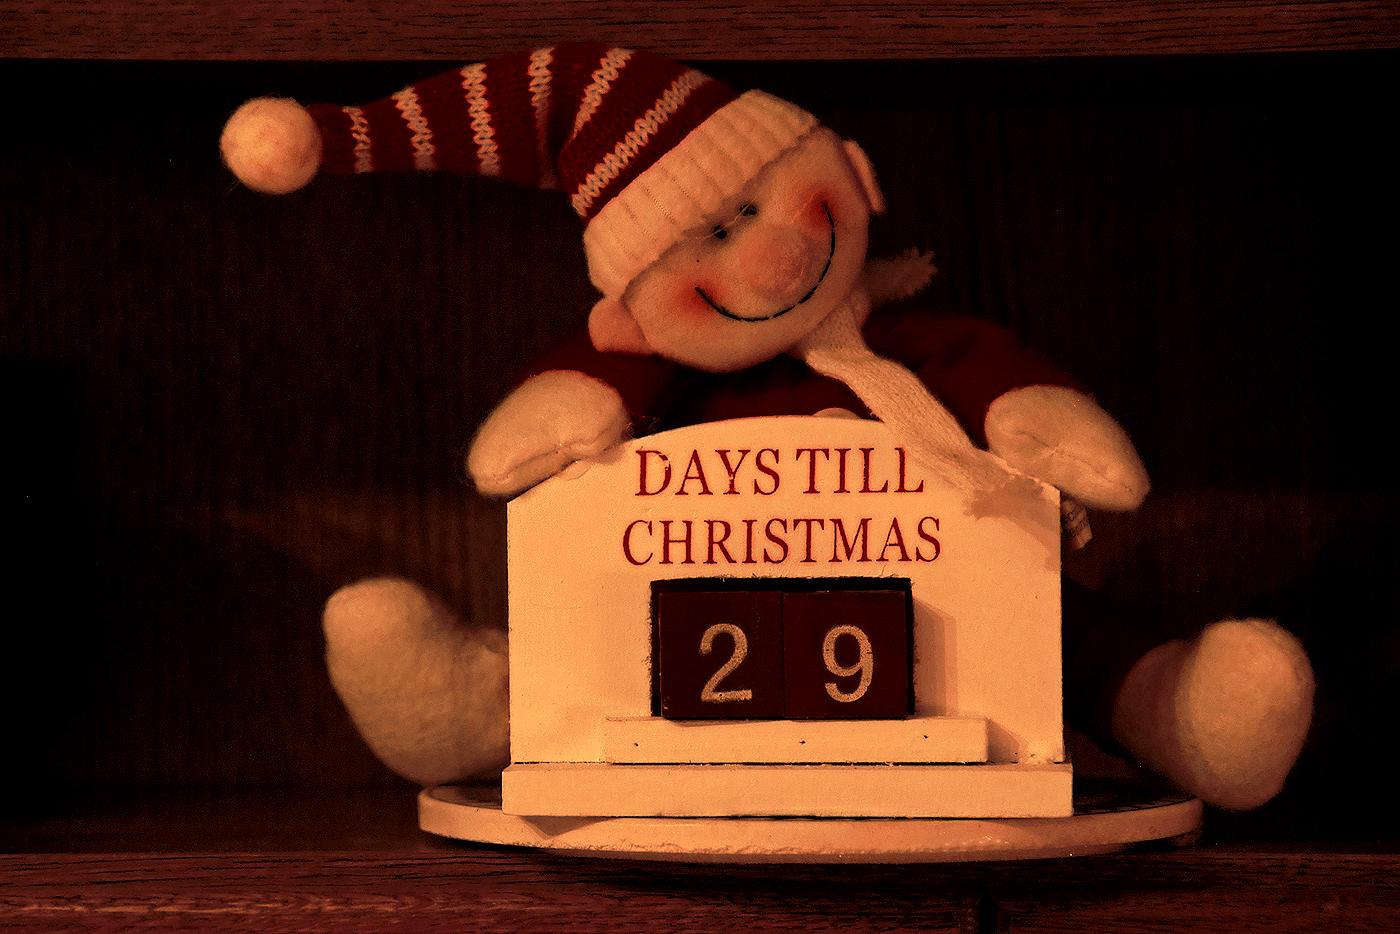 Also, nicht  vergessen, nur noch 29 Tage ...